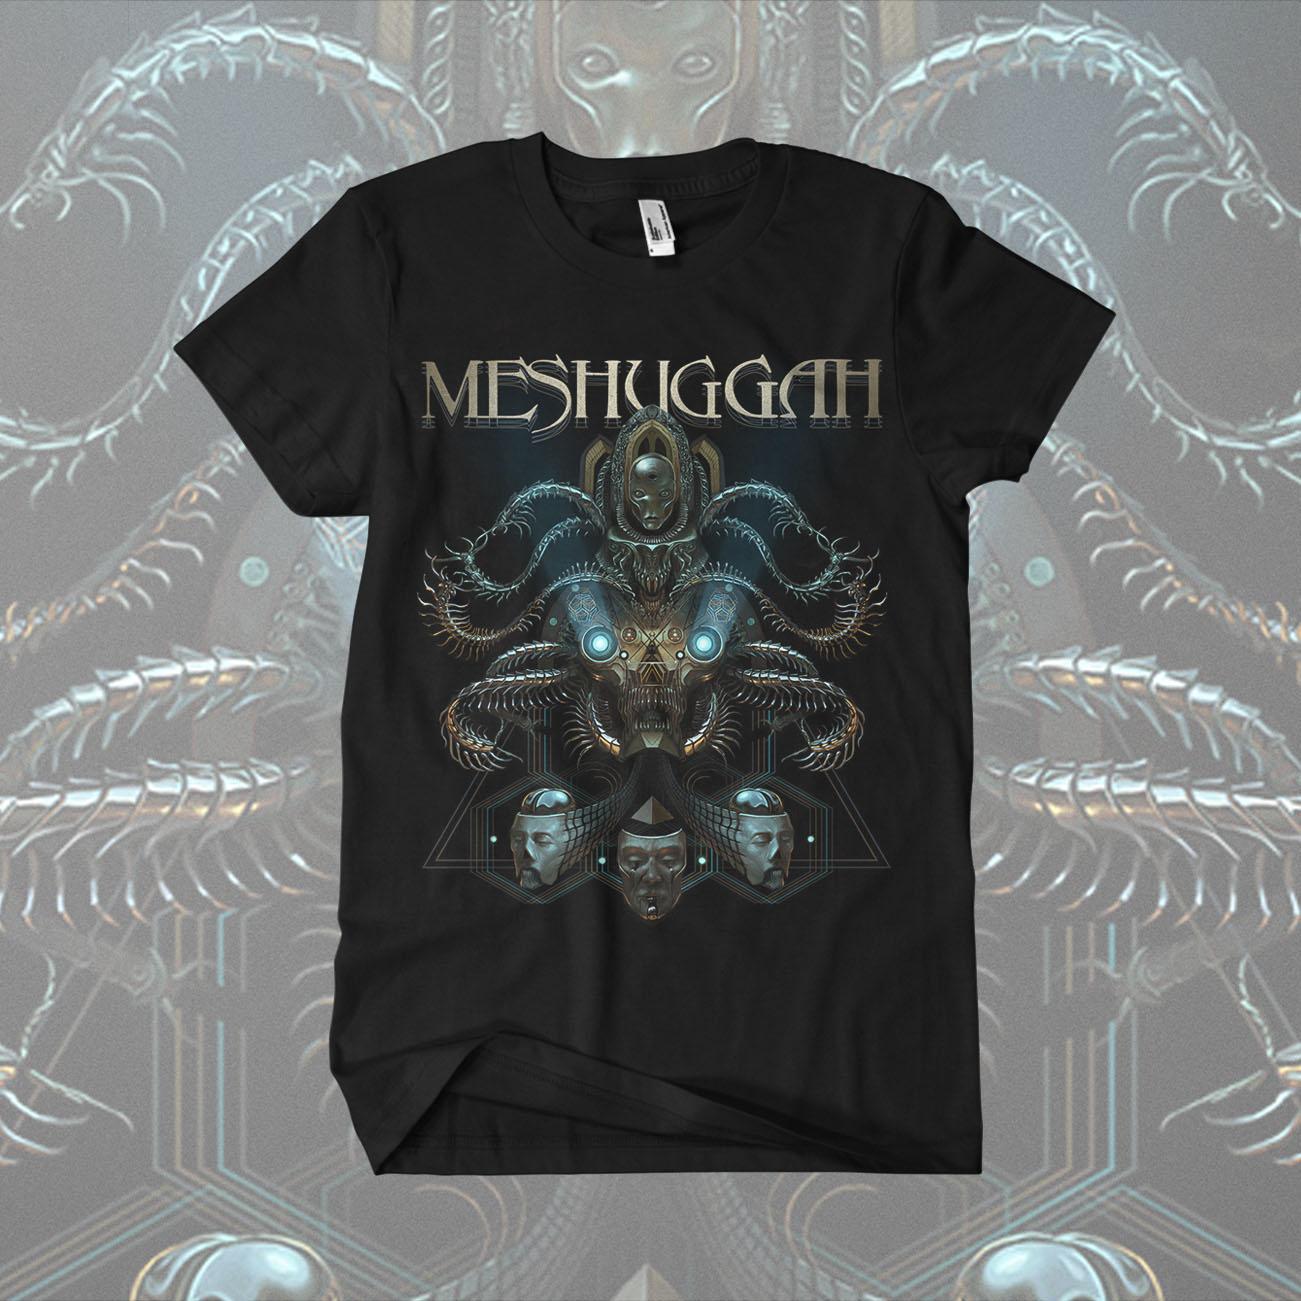 Meshuggah - 'Human Apathy' T-Shirt - Meshuggah